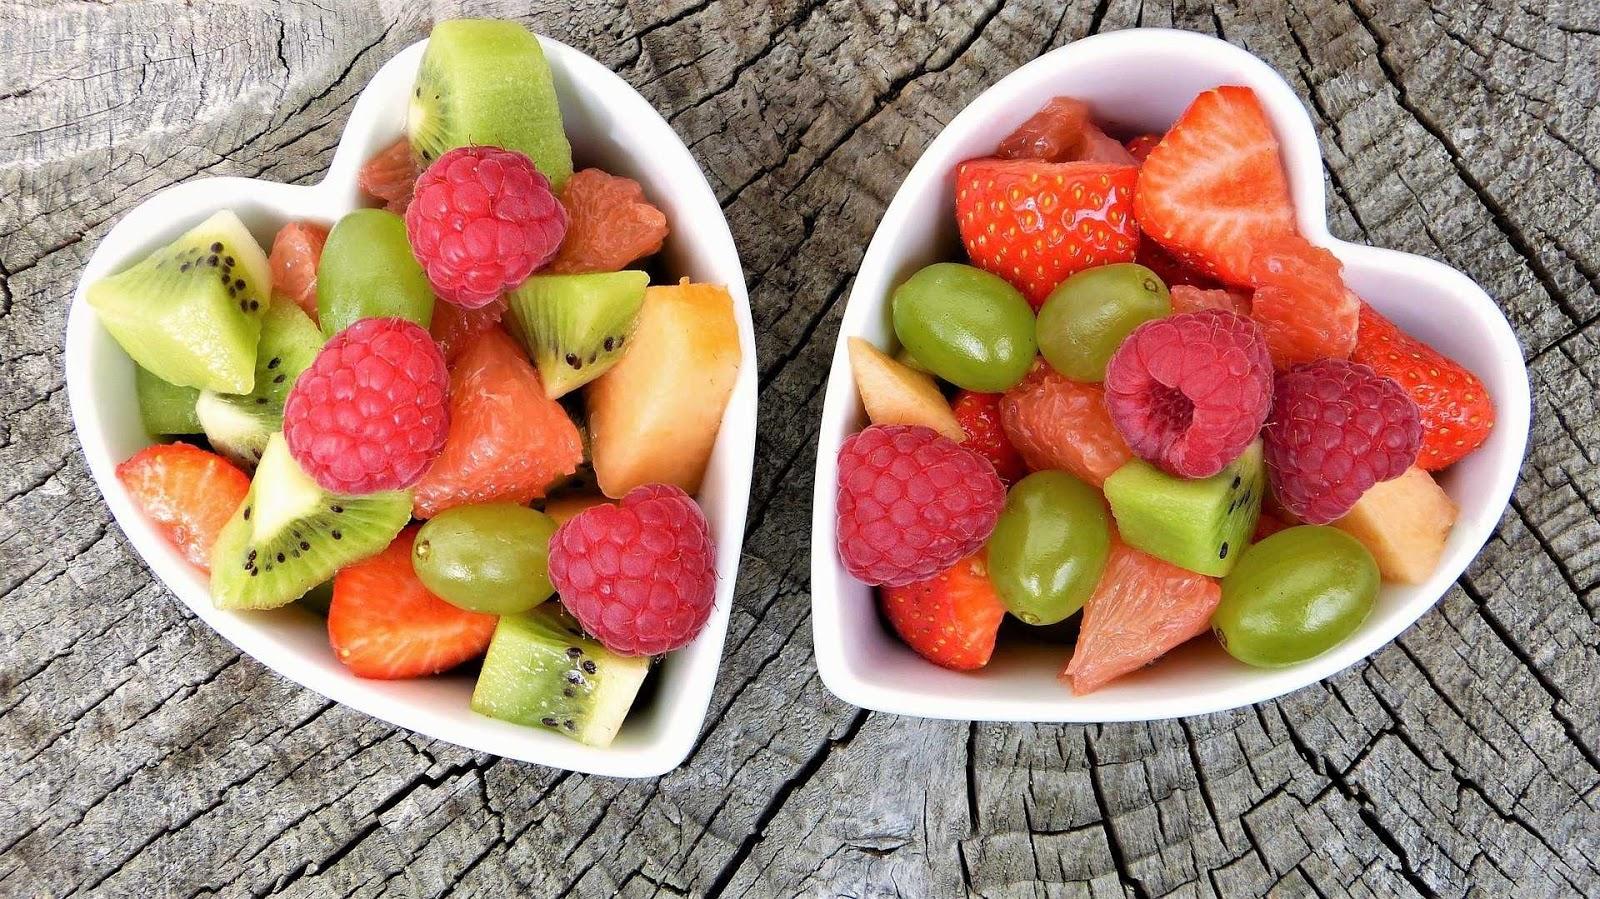 cegah kanker usus dengan makan buah-buahan